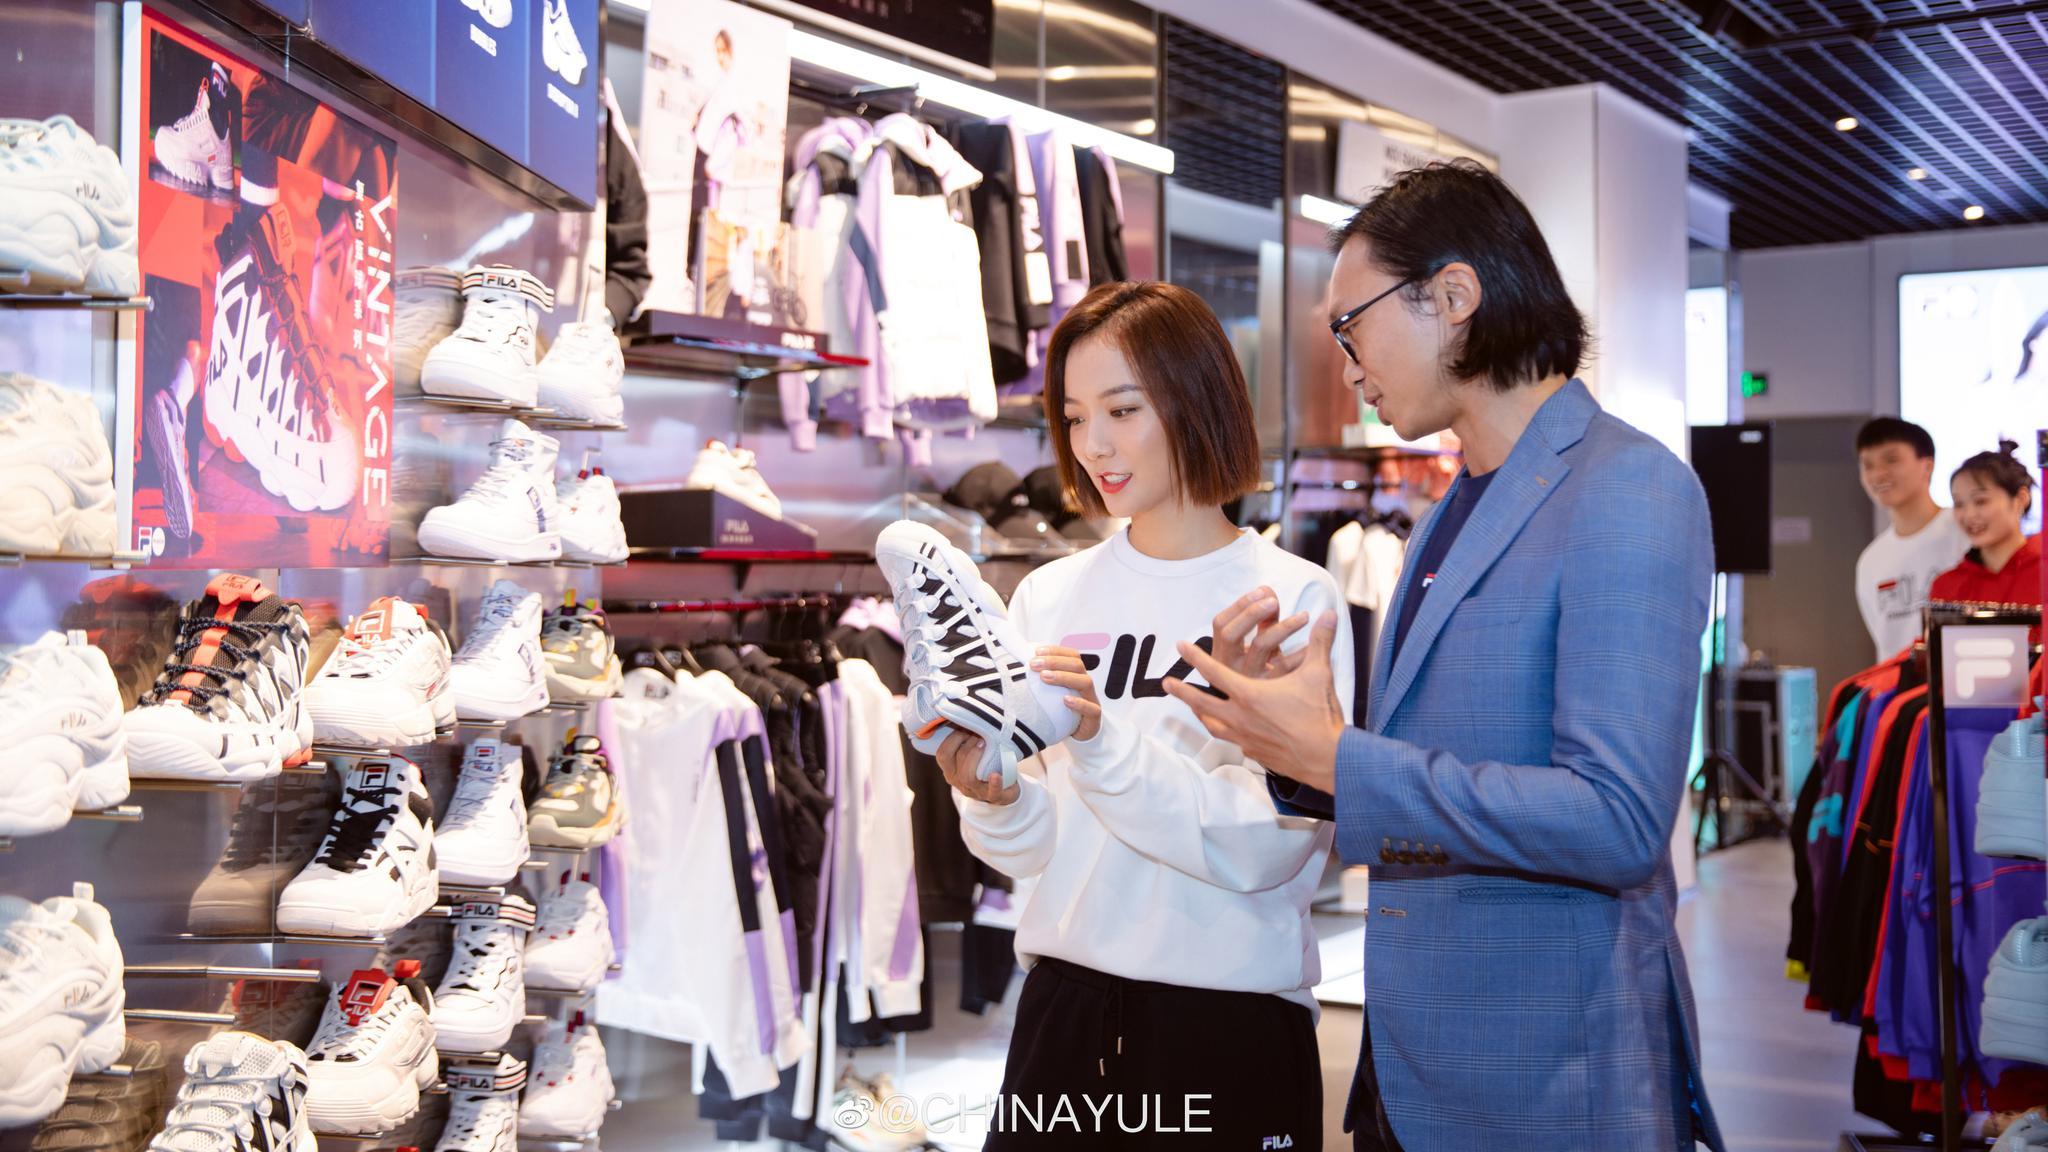 昨日,演员@王珞丹 惊喜亮相某品牌的滑板潮流文化体验日活动